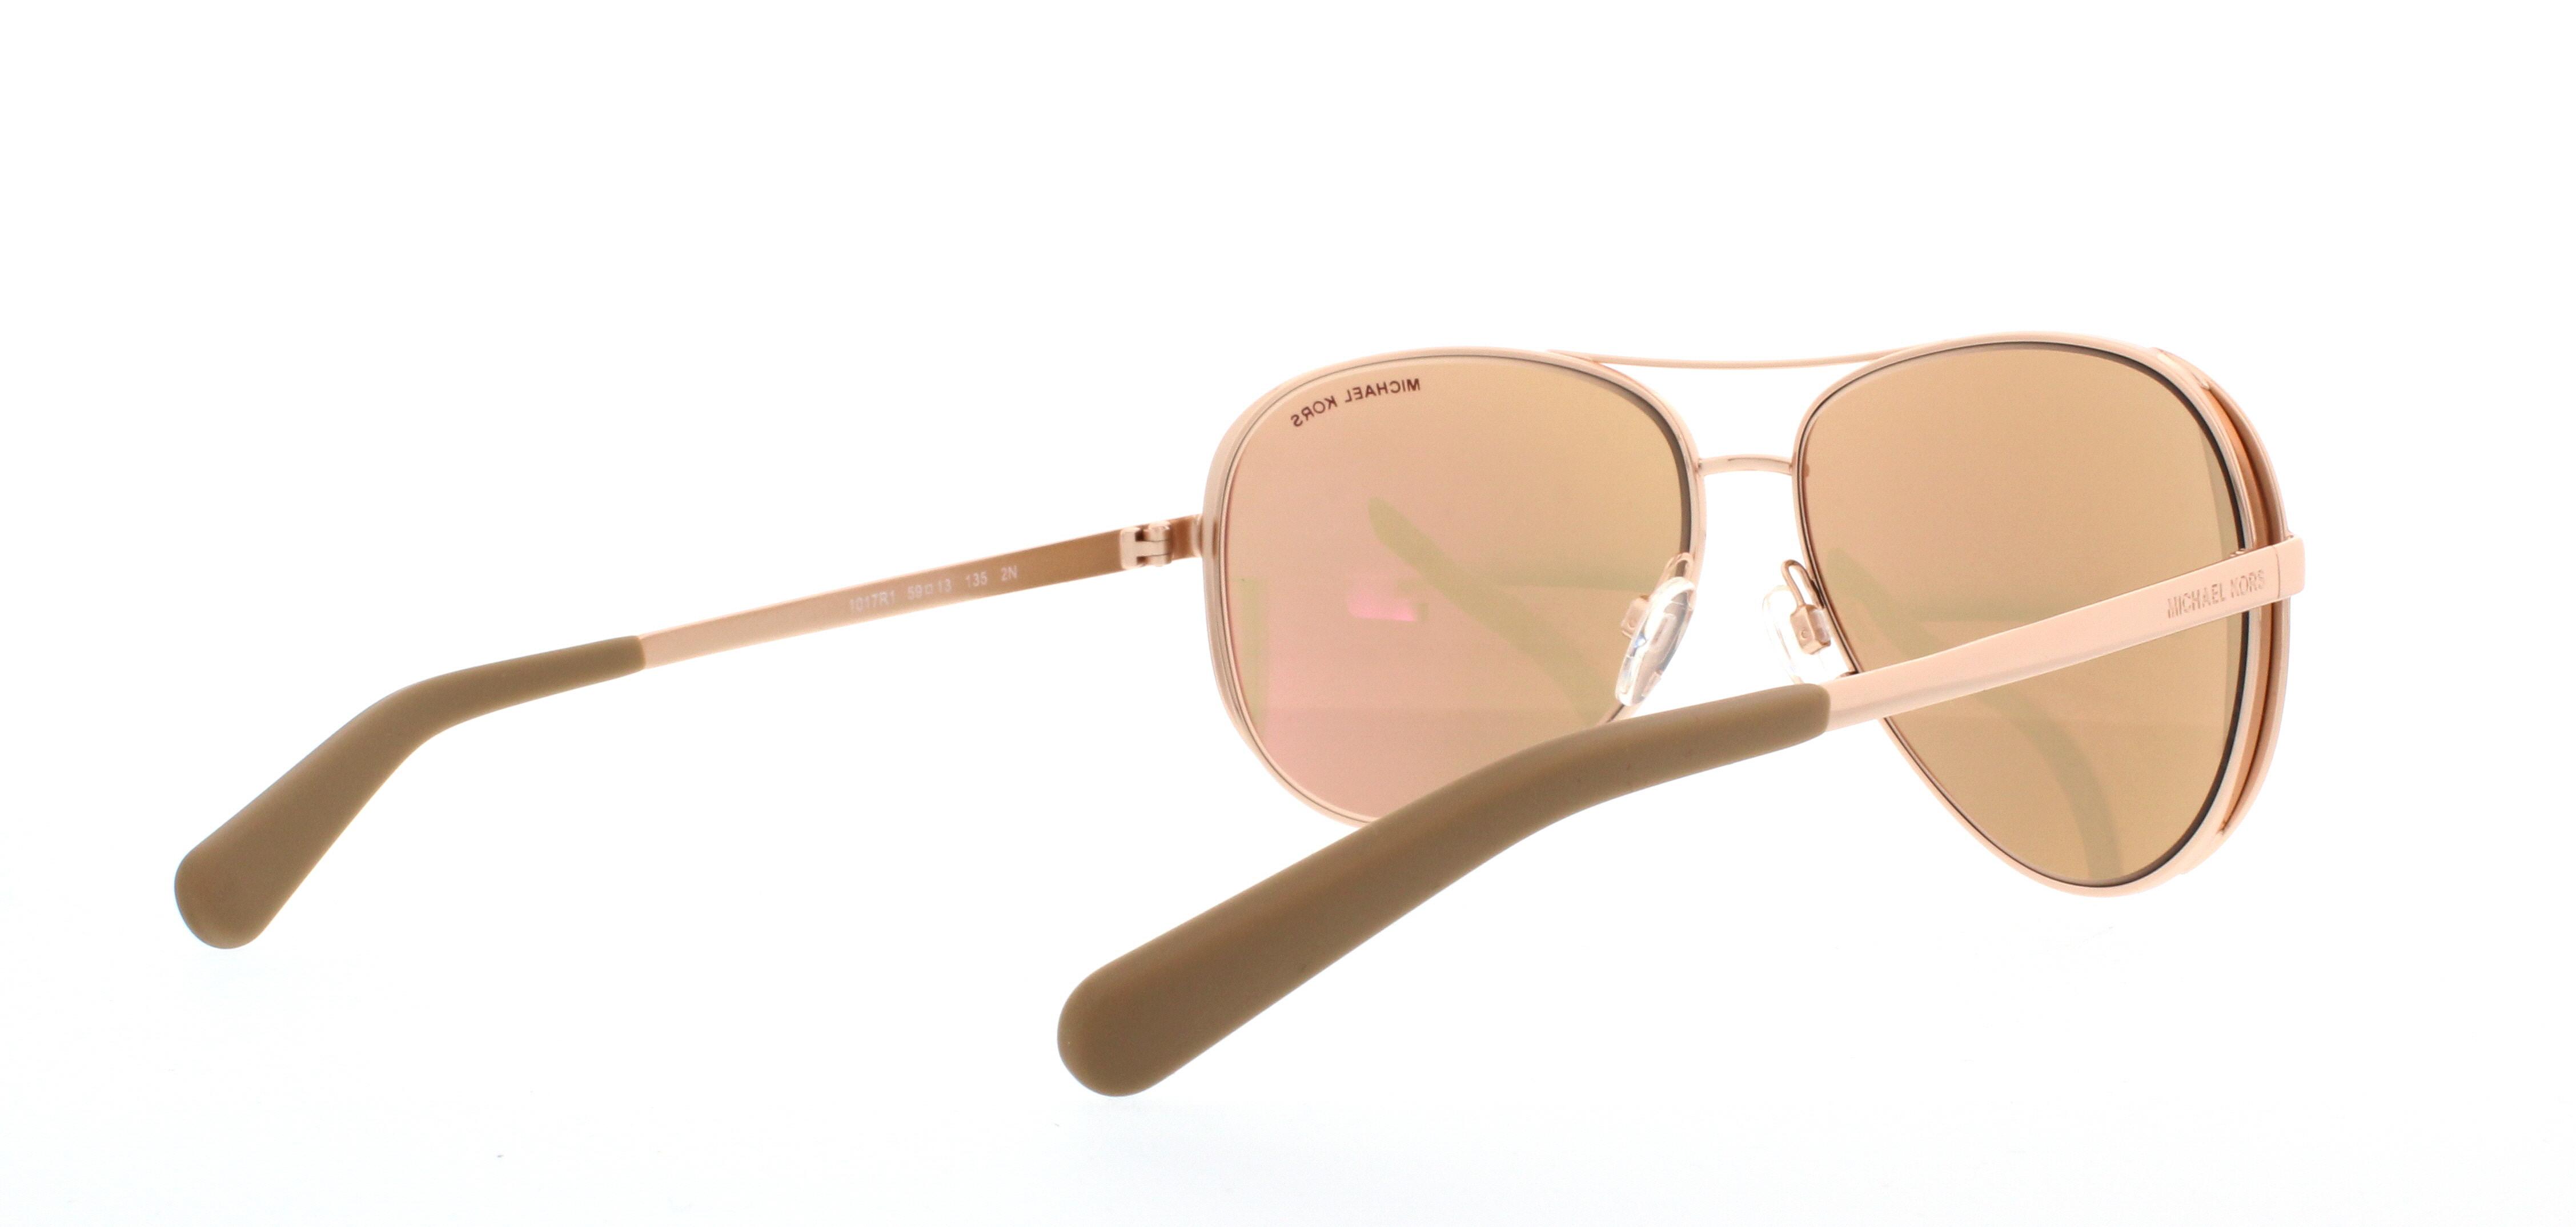 0cb3239a0b Michael Kors Rose Gold Sunglasses Chelsea